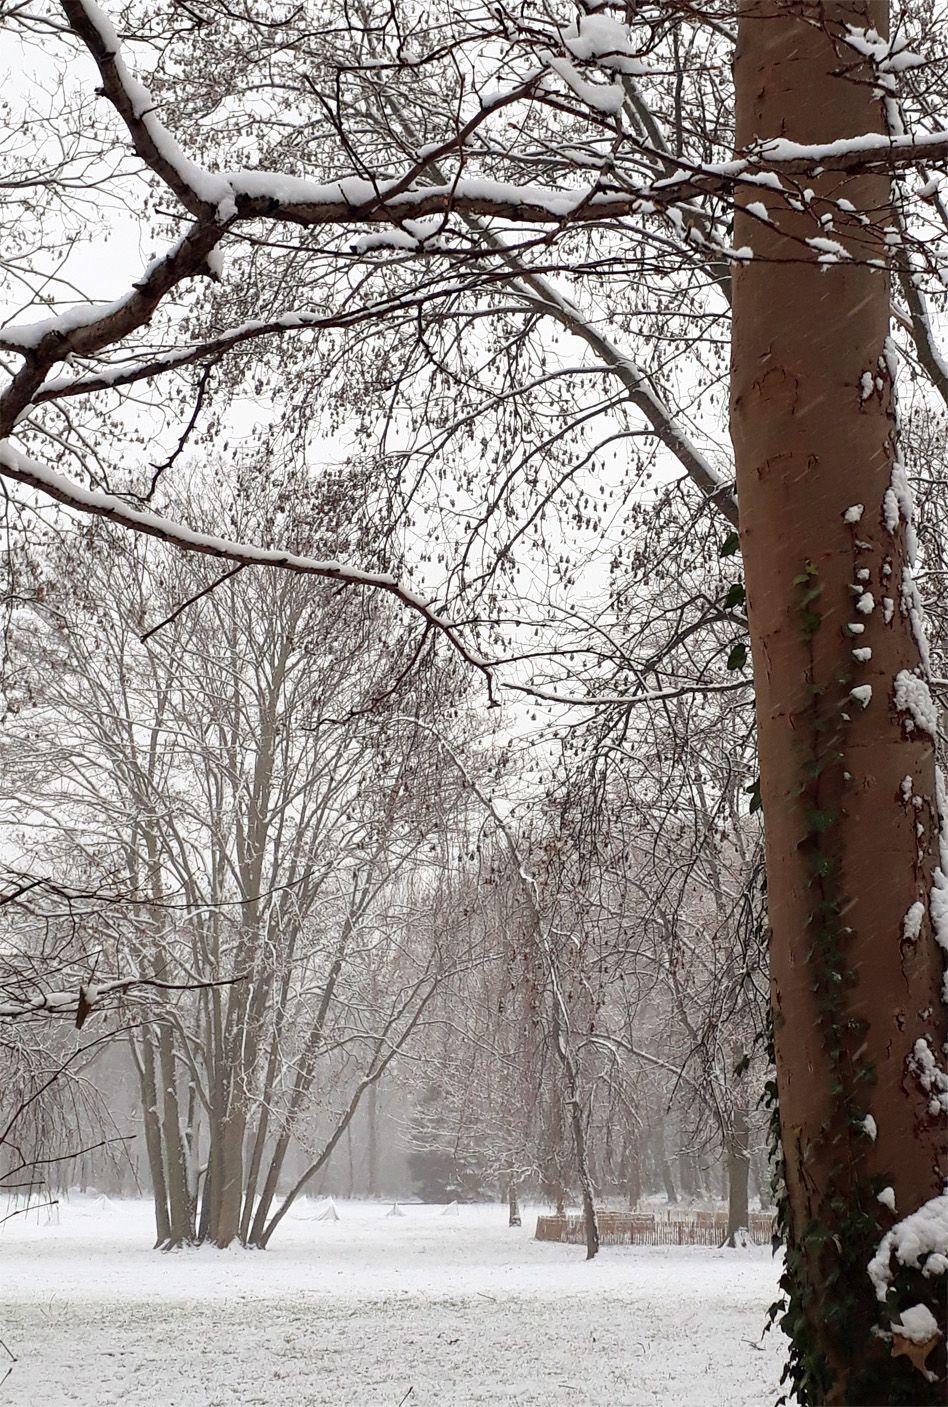 La petite promenade au parc sous la neige